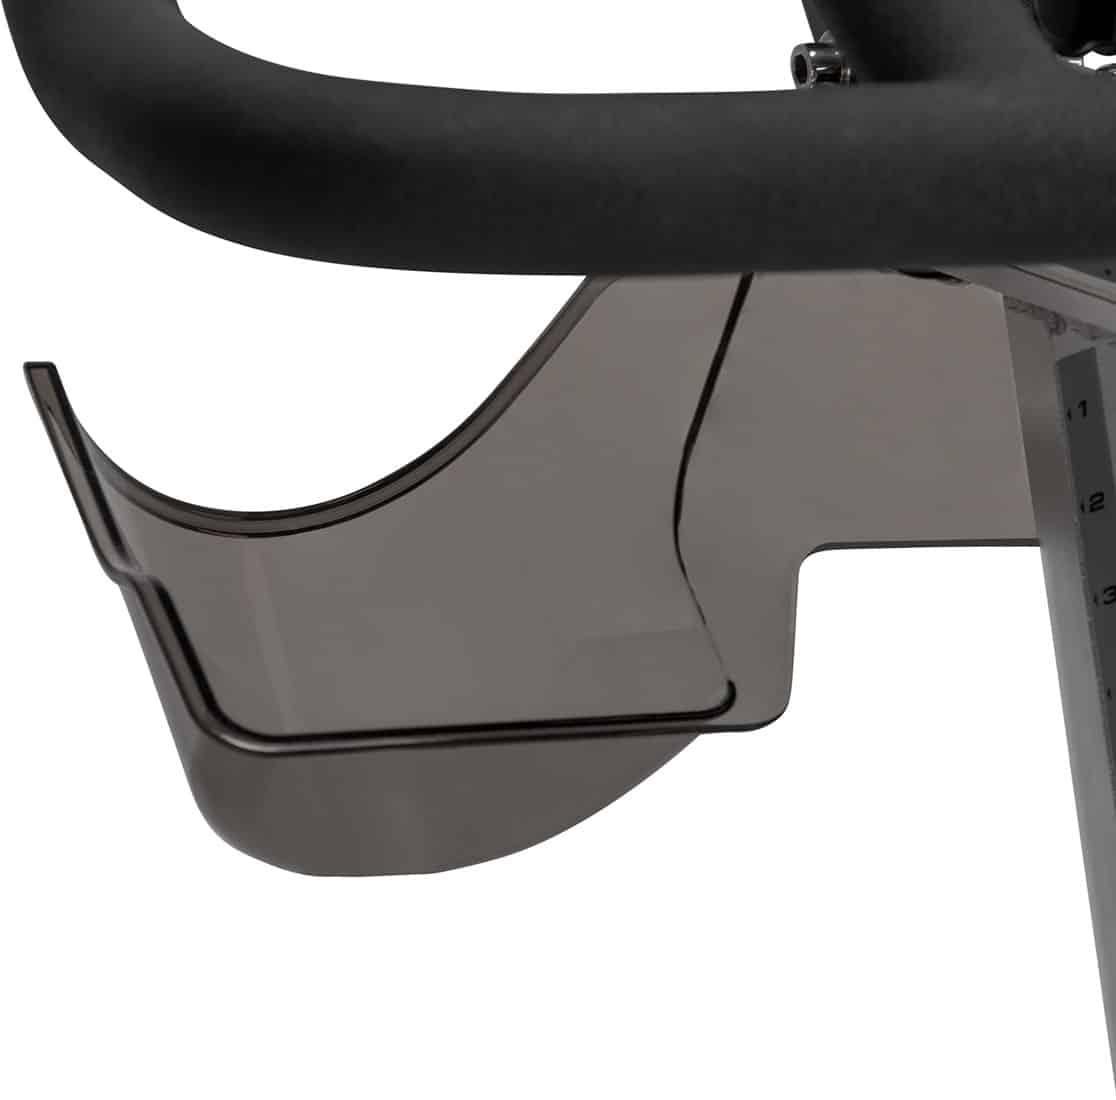 virtufit-indoor-cycle-s1-spinningfiets-bidonhouder